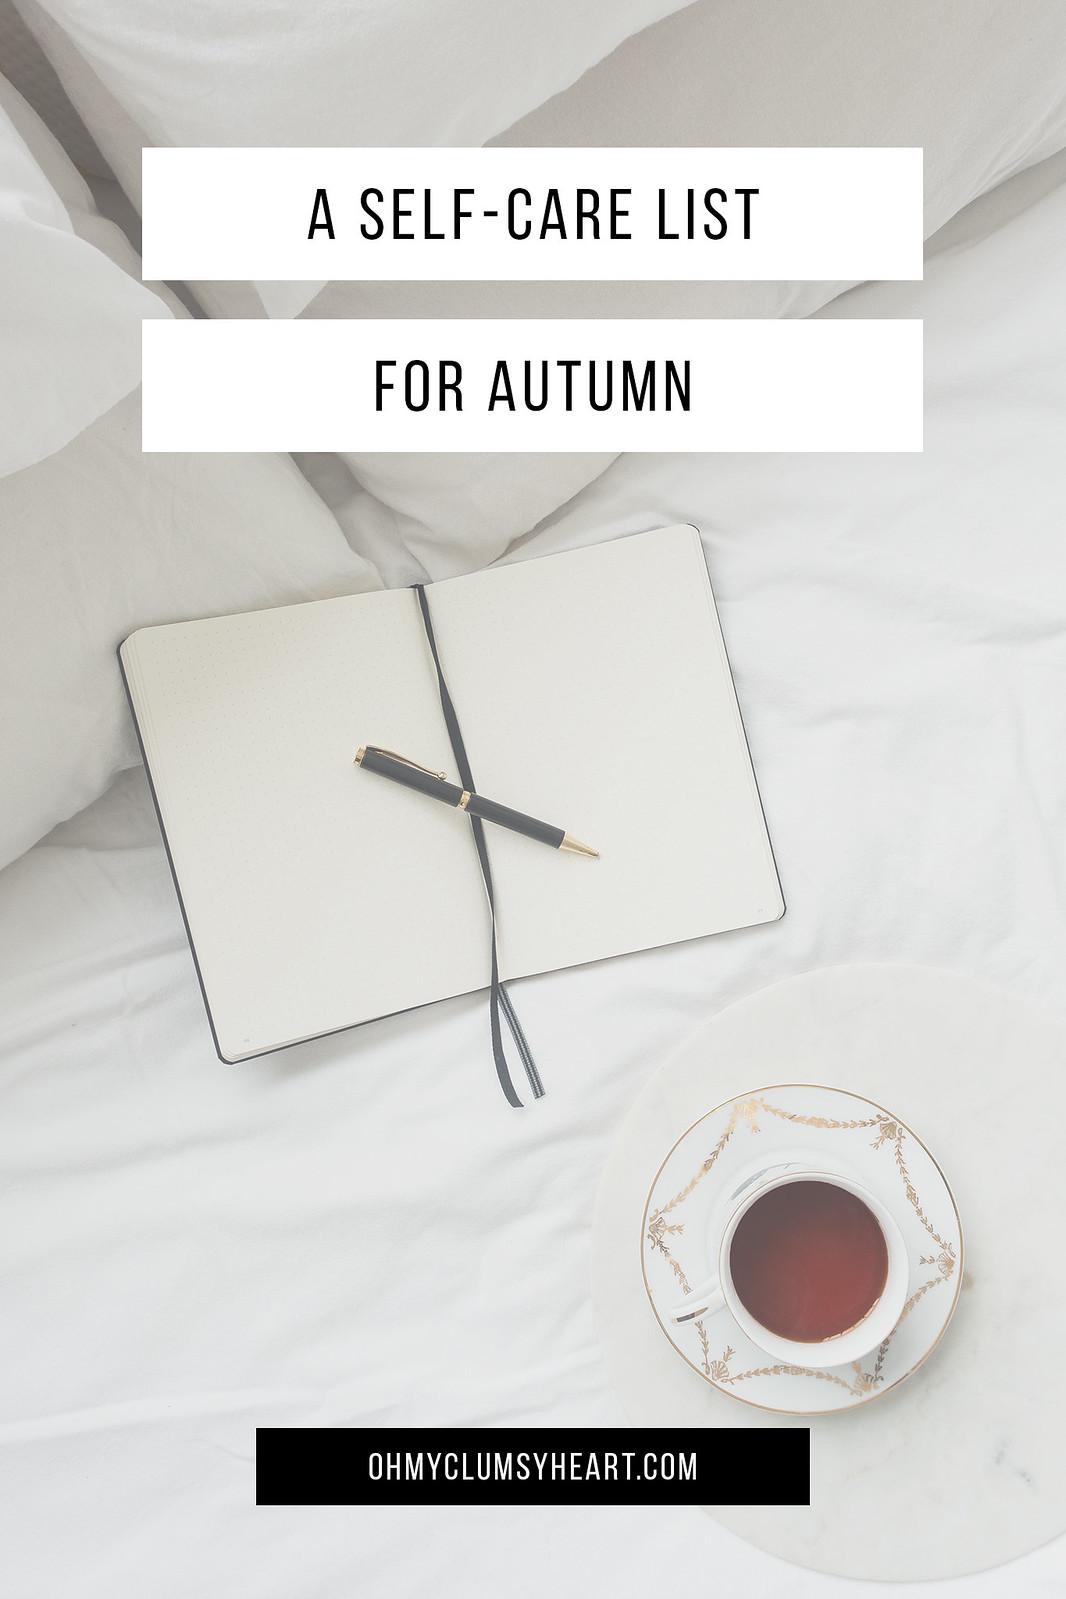 A Self-Care List For Autumn